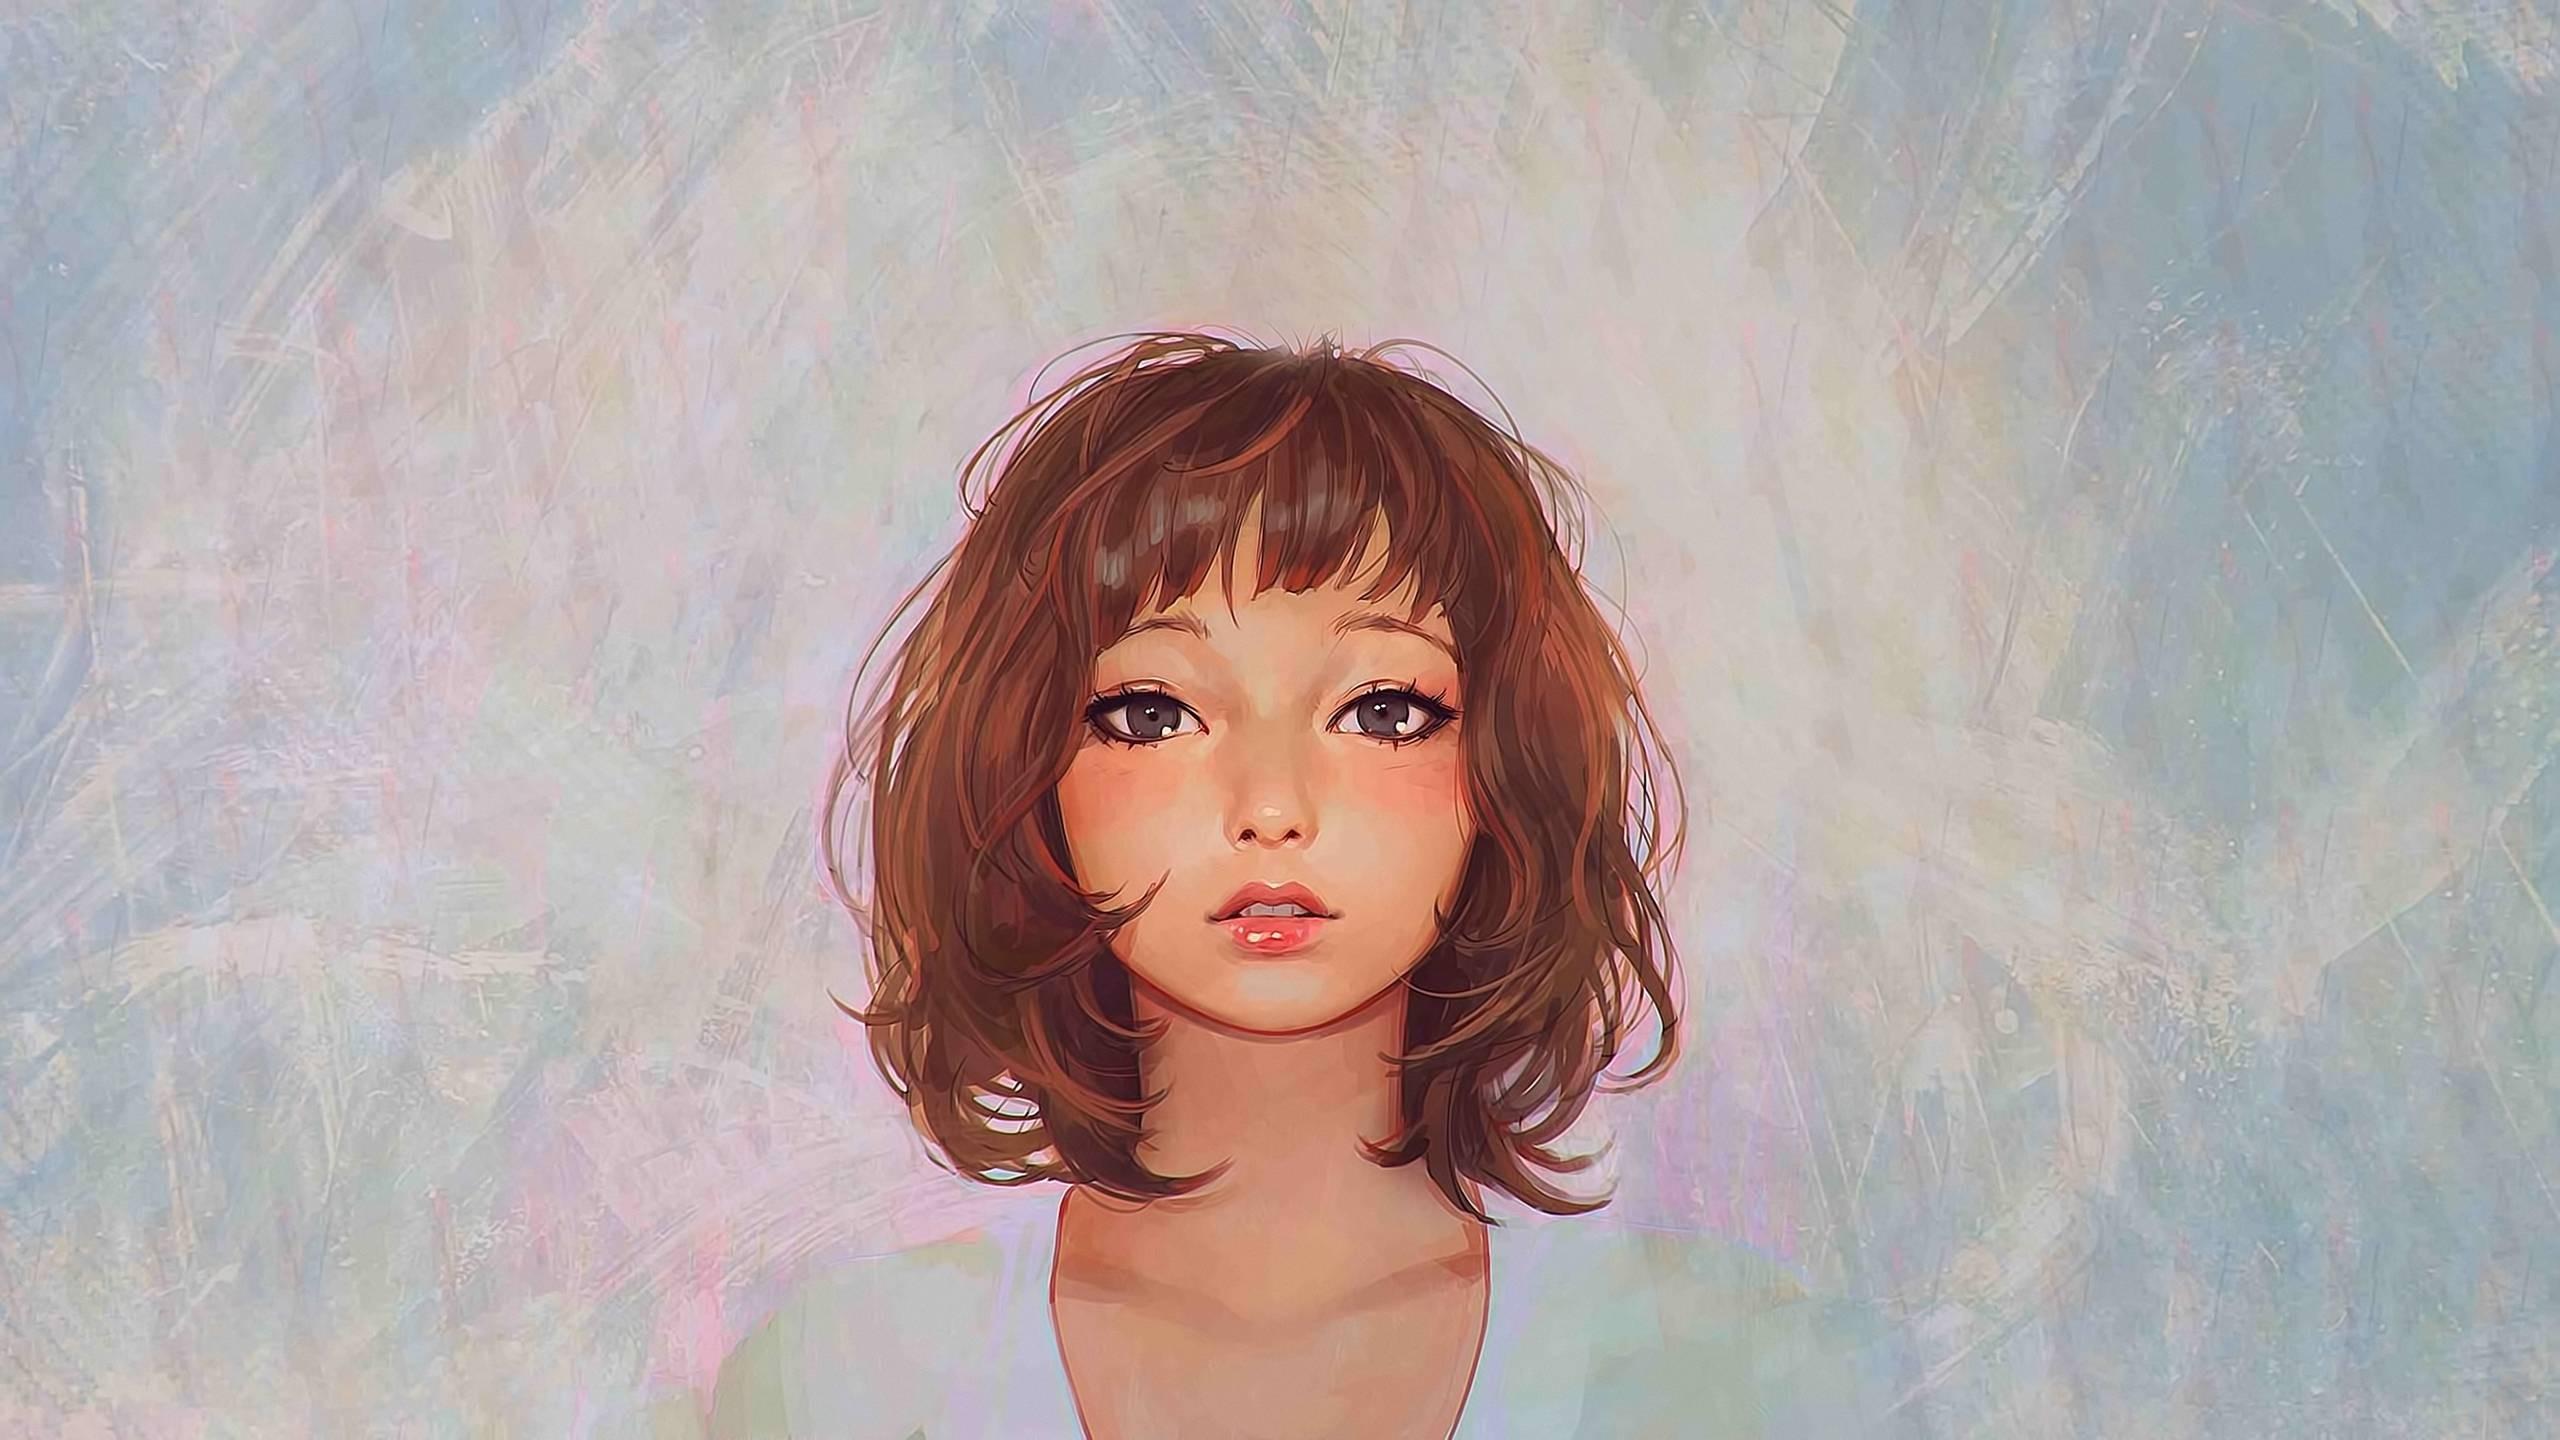 Wallpaper : face, drawing, women, model, portrait, eyes, long hair